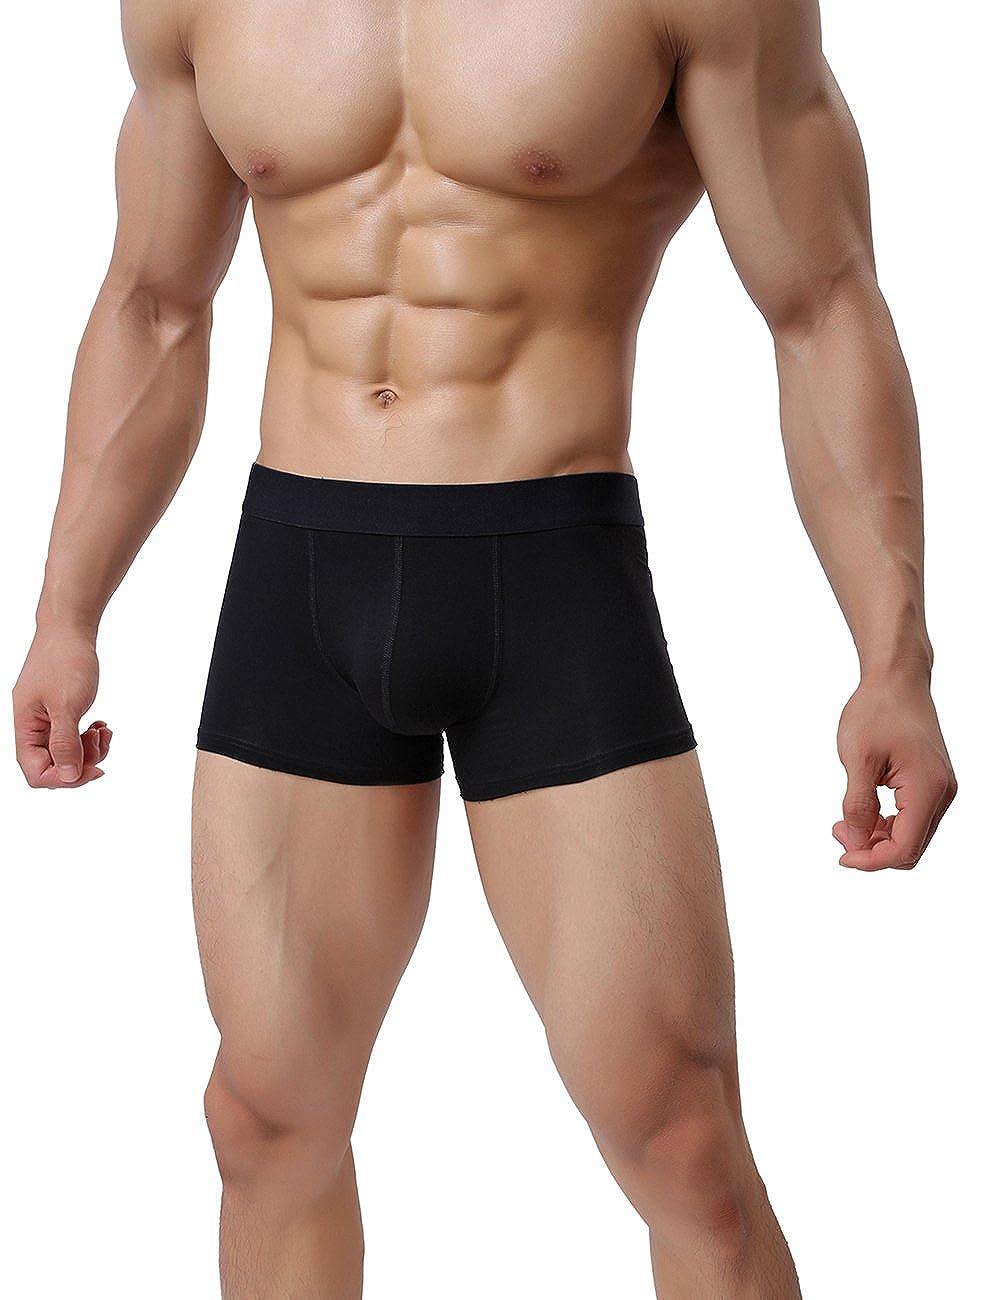 SHENGRUI Mens Boxer Briefs Short Leg Low Rise Cotton Underwear